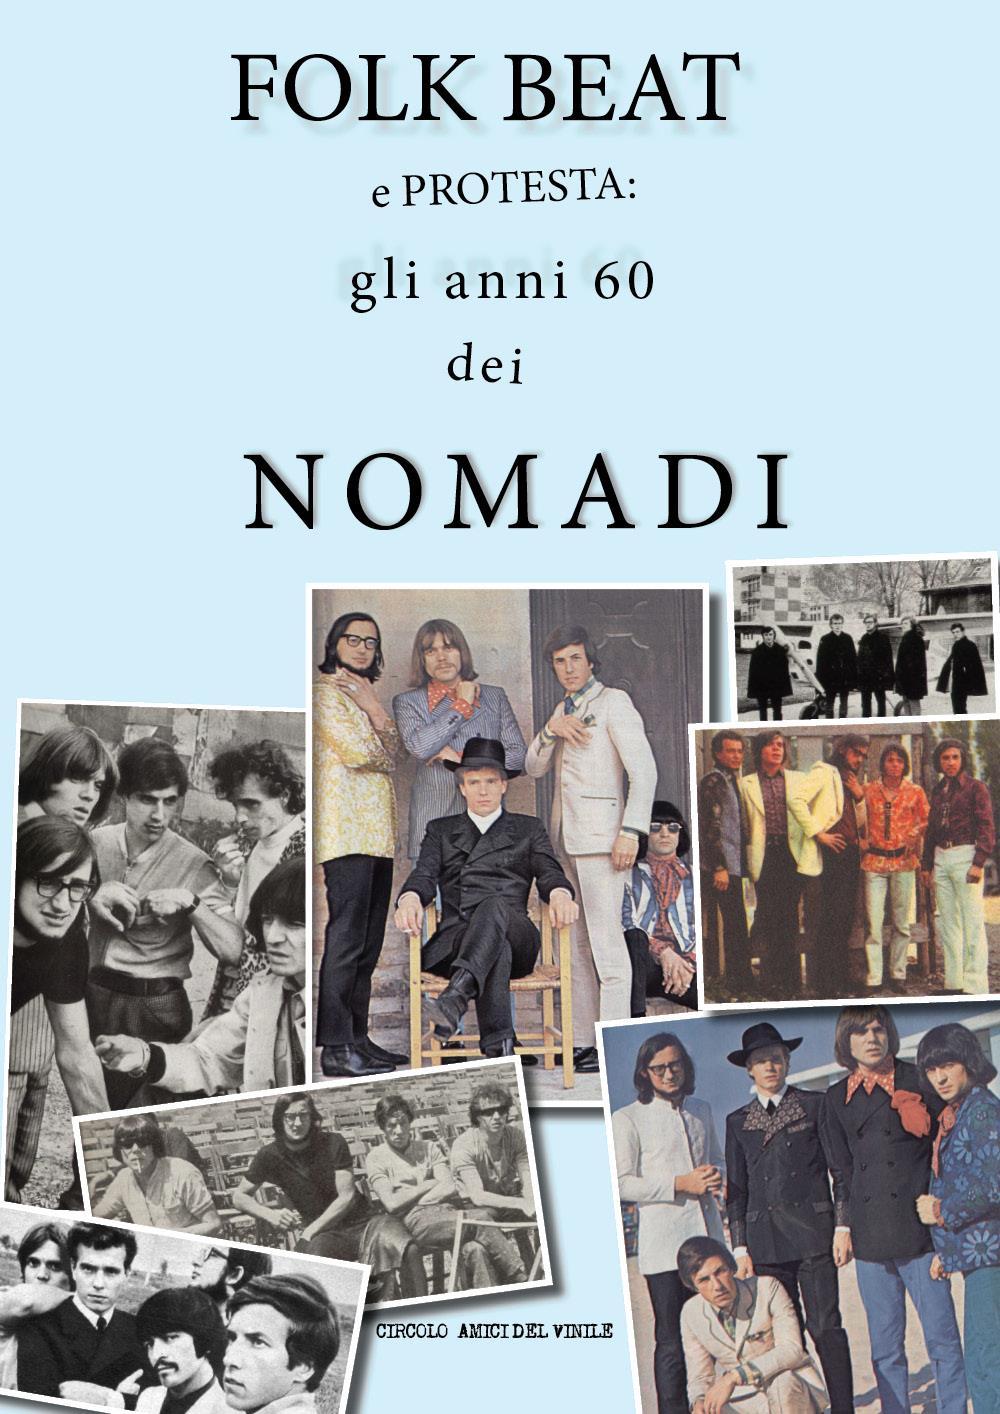 Folk Beat e protesta: gli anni 60 dei Nomadi